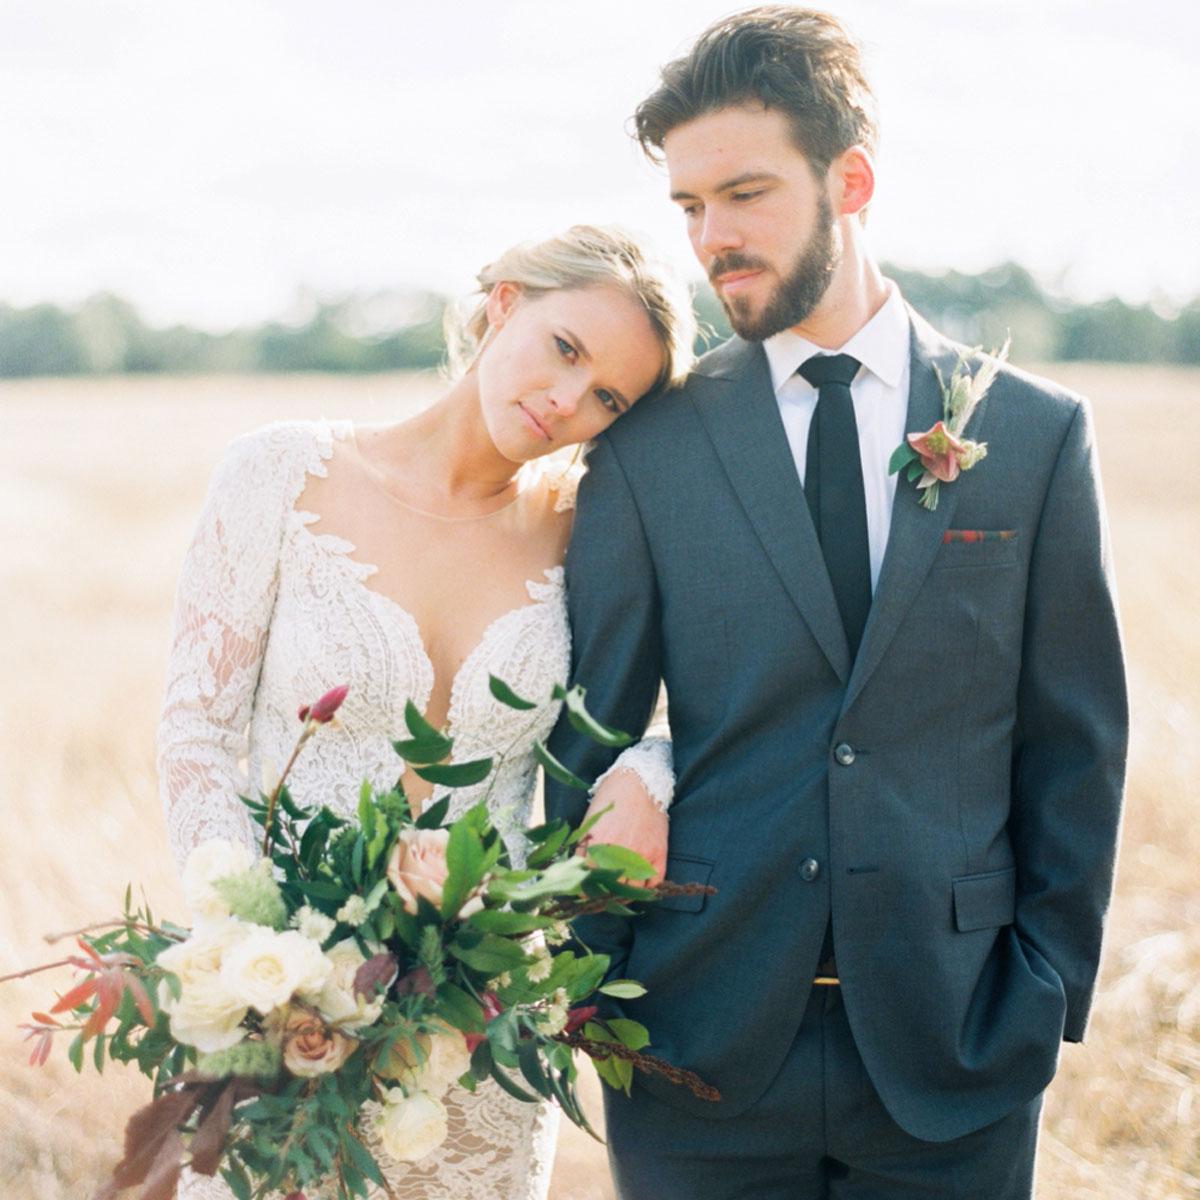 sprout-wedding-prairie29.jpg